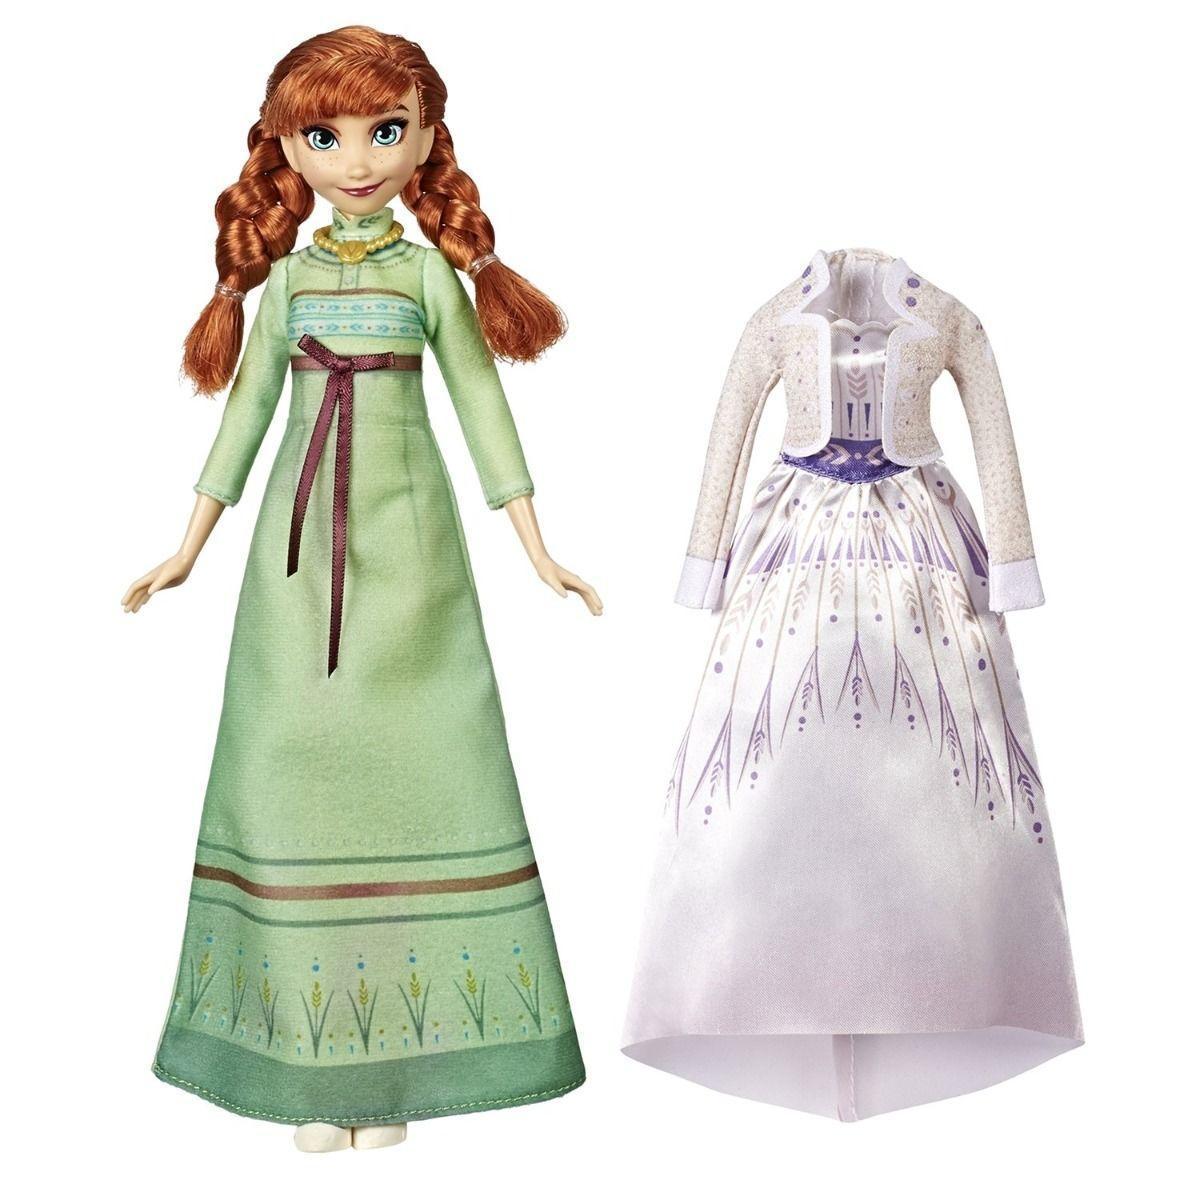 Кукла Холодное сердце 2 Disney Frozen с дополнительными нарядами - фото 5